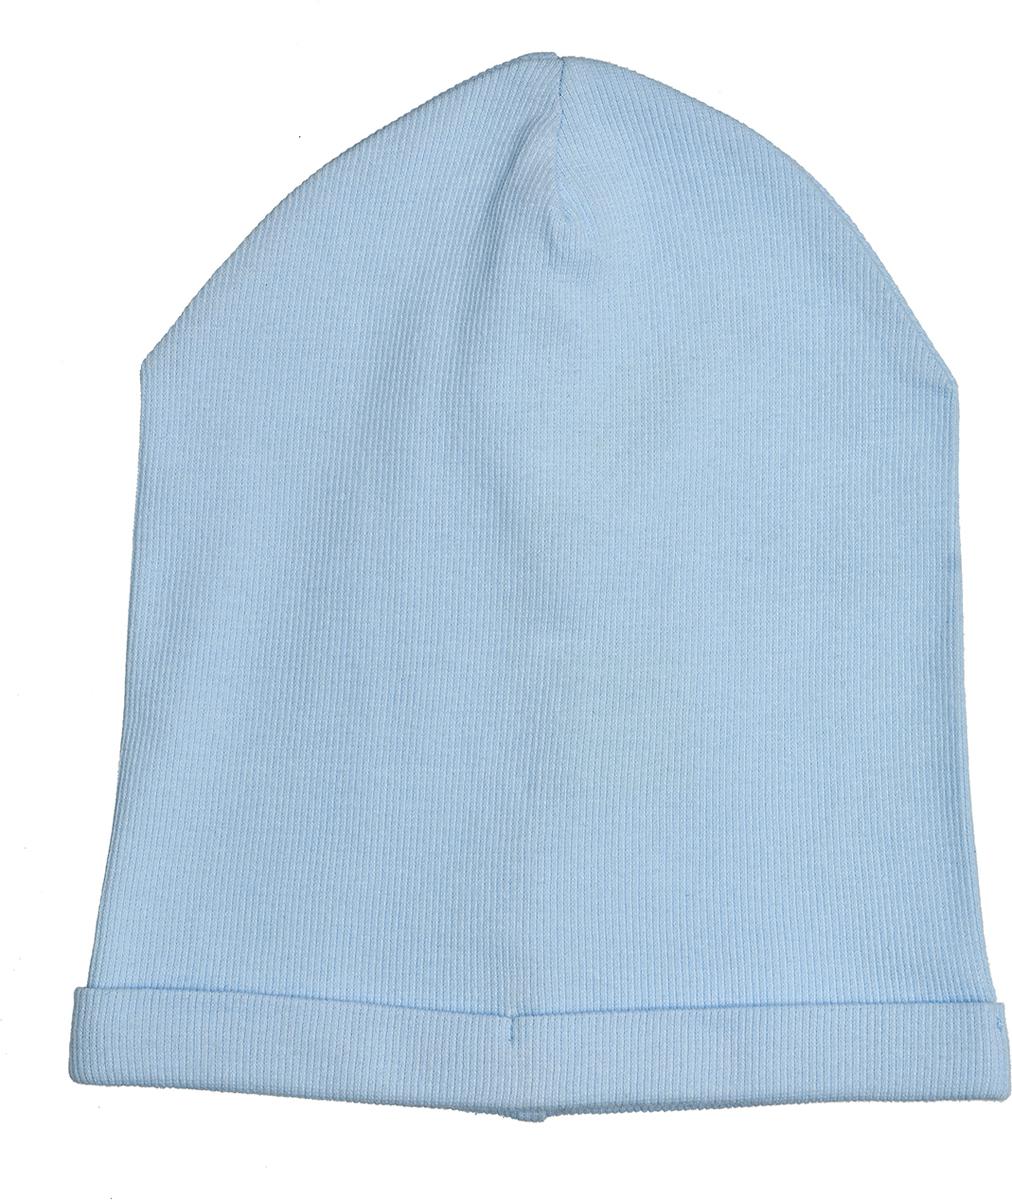 Шапка для девочки Button Blue, цвет: голубой. 118BBGX73011800. Размер 50118BBGX73011800Если вы хотите недорого купить шапку для девочки на весну, лучшим вариантом будет трикотажная шапка от Button Blue. Шапка сделана в соответствии со всеми модными требованиями сезона, но может похвастаться не только этим: модель выполнена из качественного материала, она мягкая и приятная на ощупь.